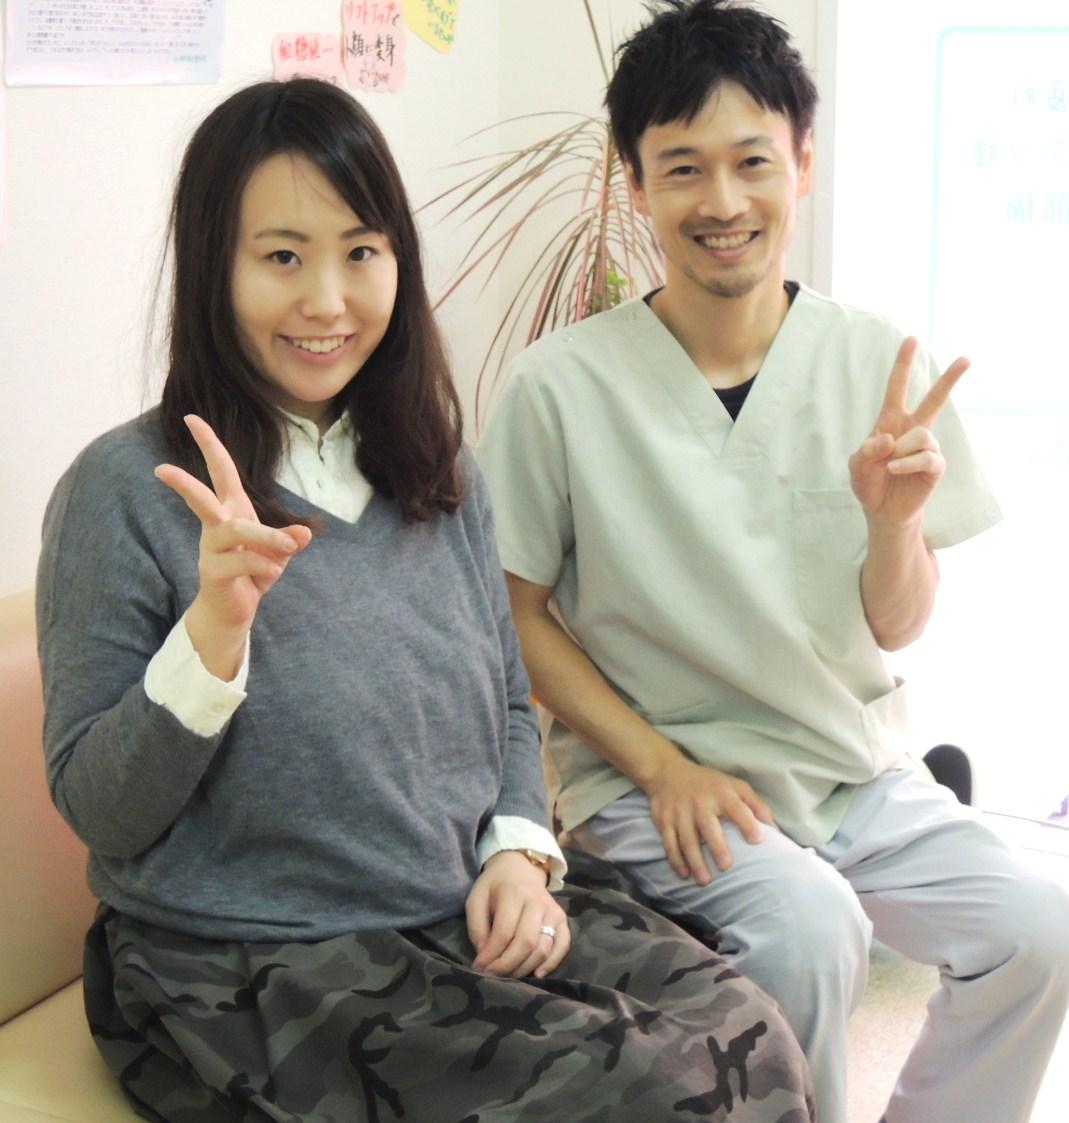 産後の骨盤矯正 Iさま 神戸垂水整体院